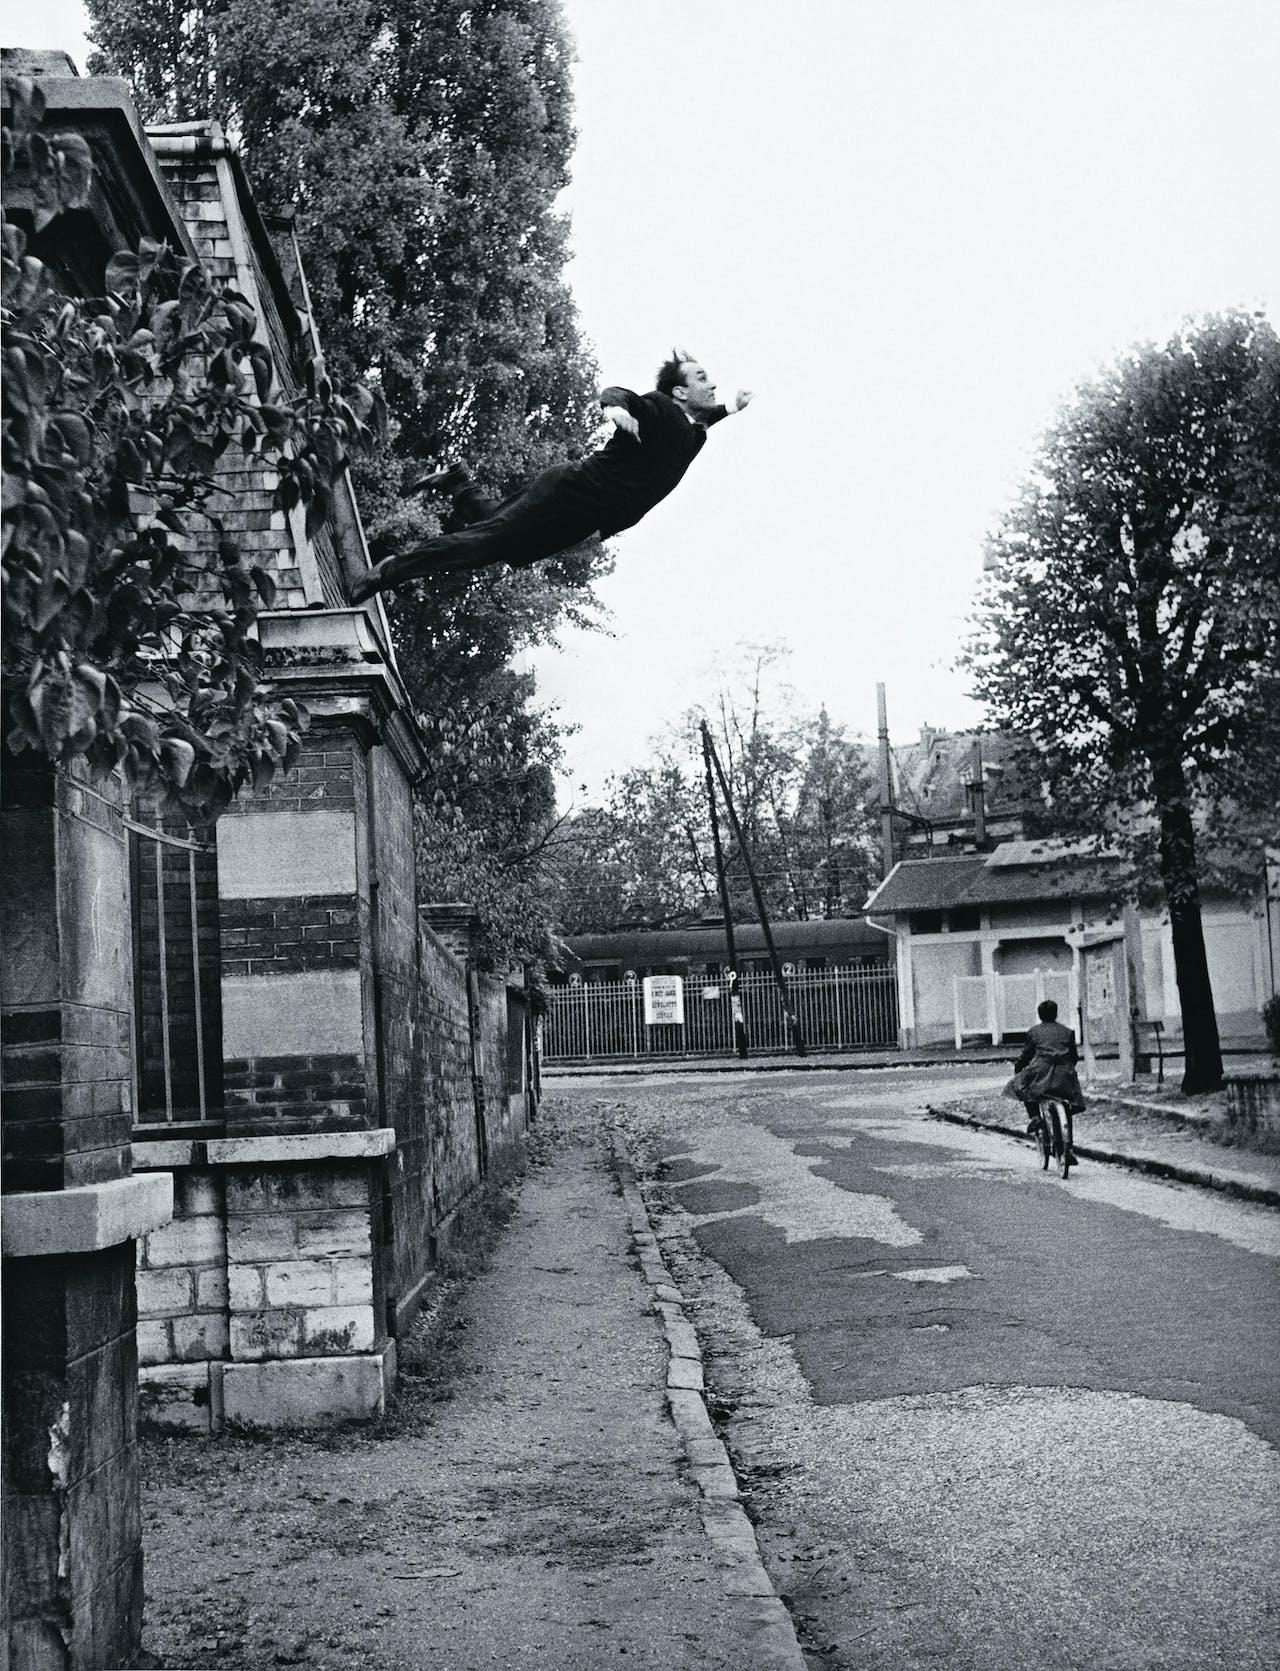 De beroemde foto 'Saut dans le vide', sprong in het niets, gemaakt op 23 oktober 1960 in Fontenay-aux-Roses, niet ver van Parijs.